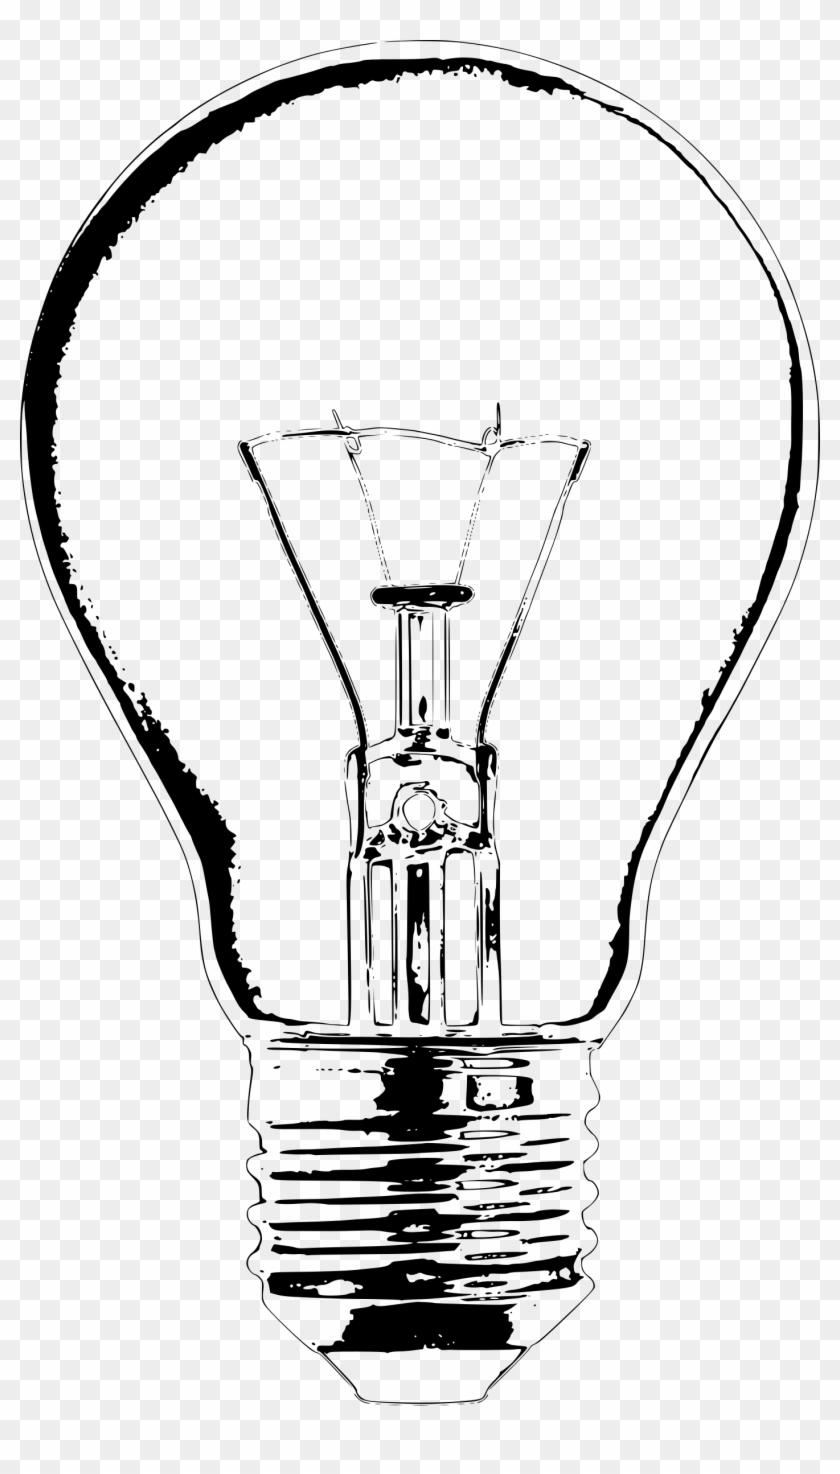 Clipart Lightbulb Lampada Preto E Branco Hd Png Download